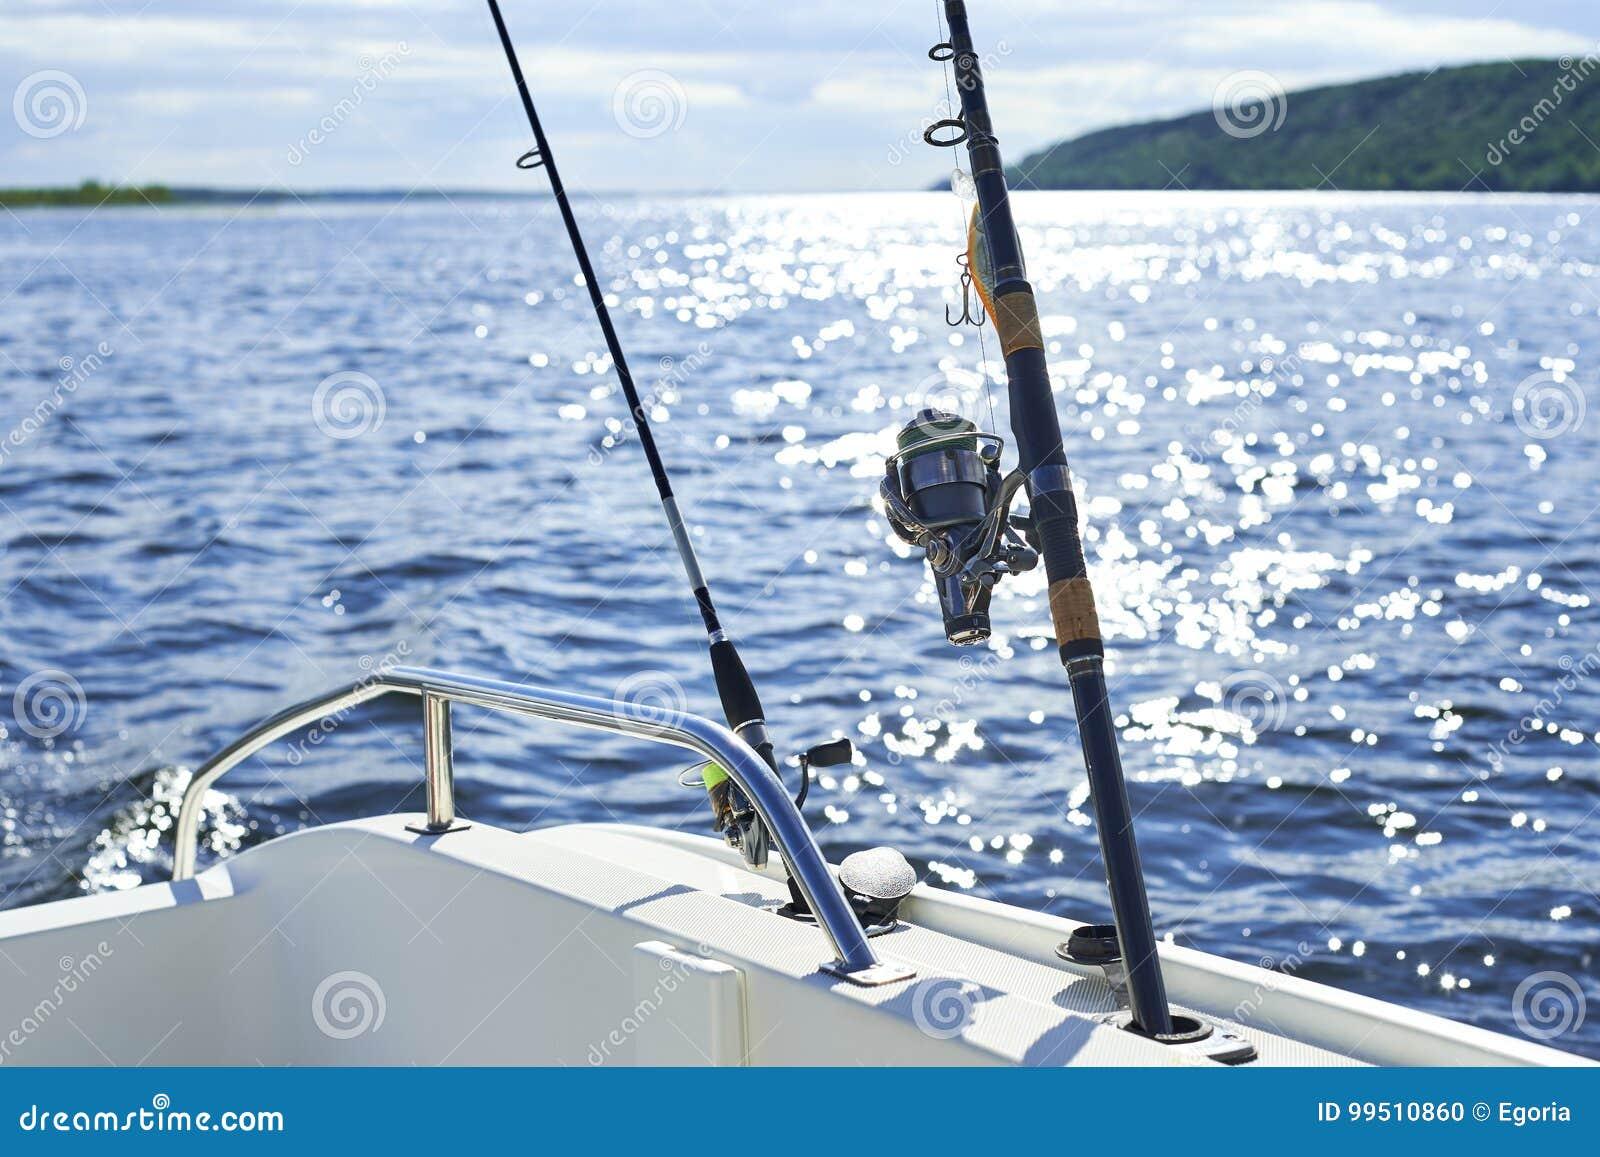 Giro con la pesca con cebo de cuchara con cebo de cuchara en el casco del ` s de la nave contra